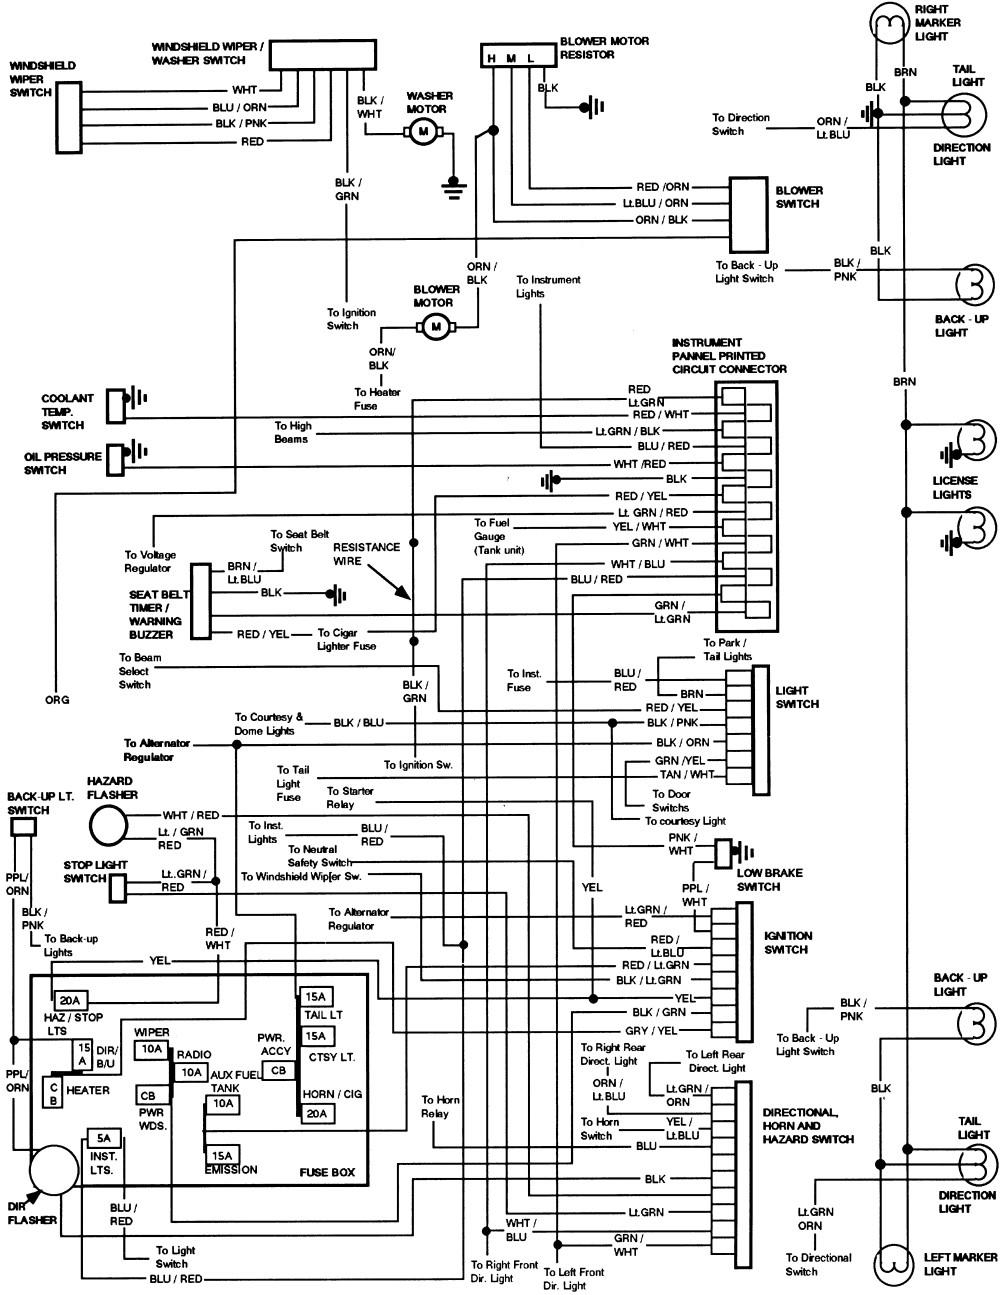 F350 Wiring Schematics   Schematic Diagram - Ford F350 Wiring Diagram Free